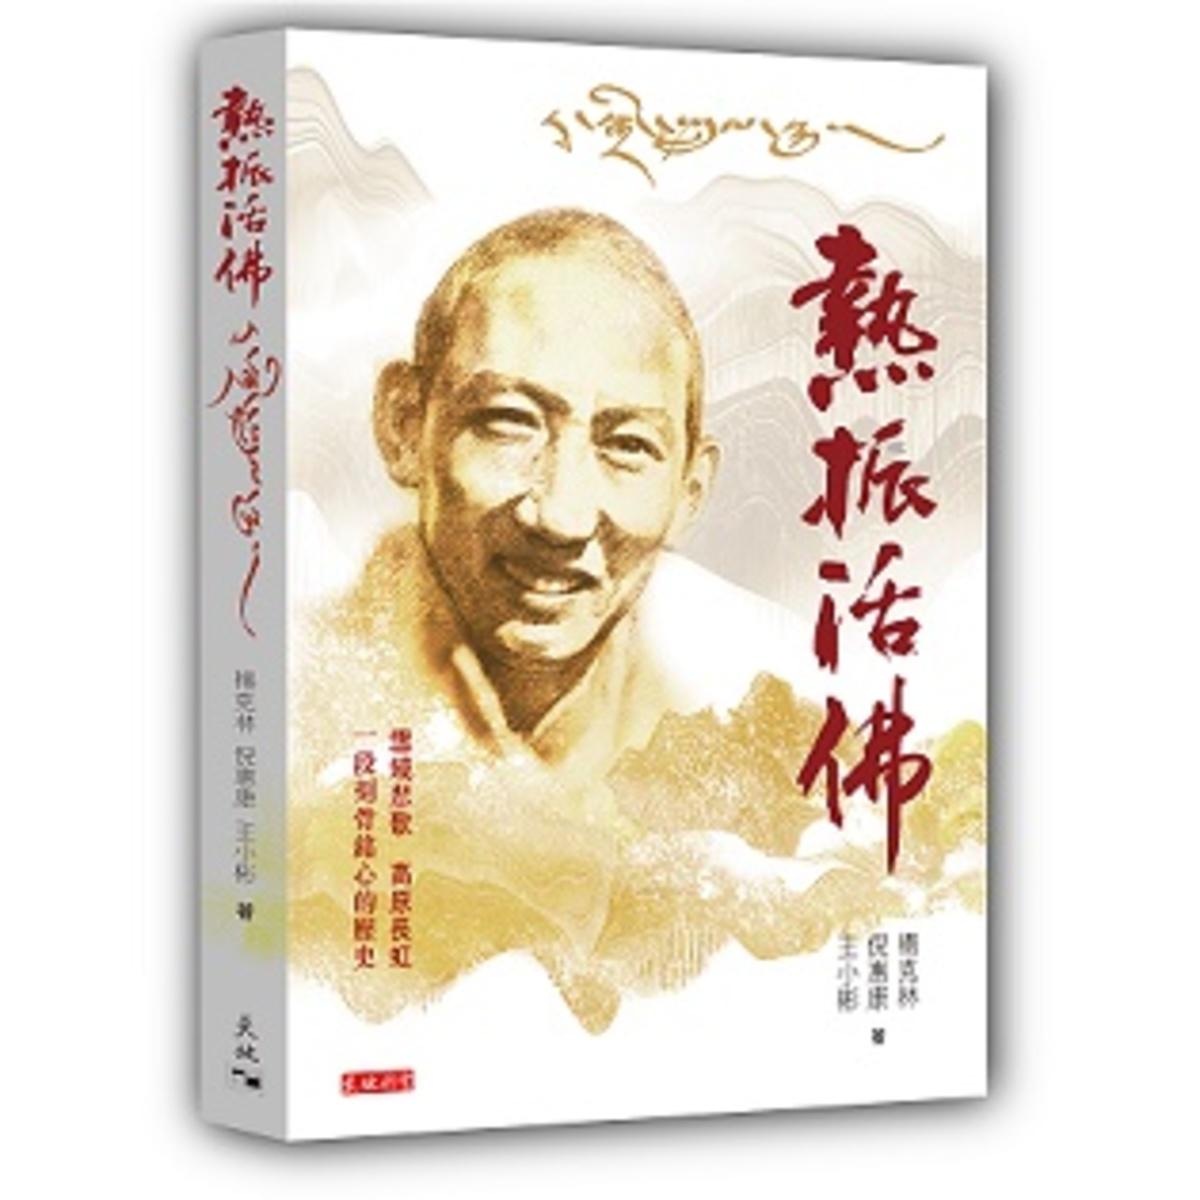 熱振活佛 | 楊克林、倪惠康、王小彬